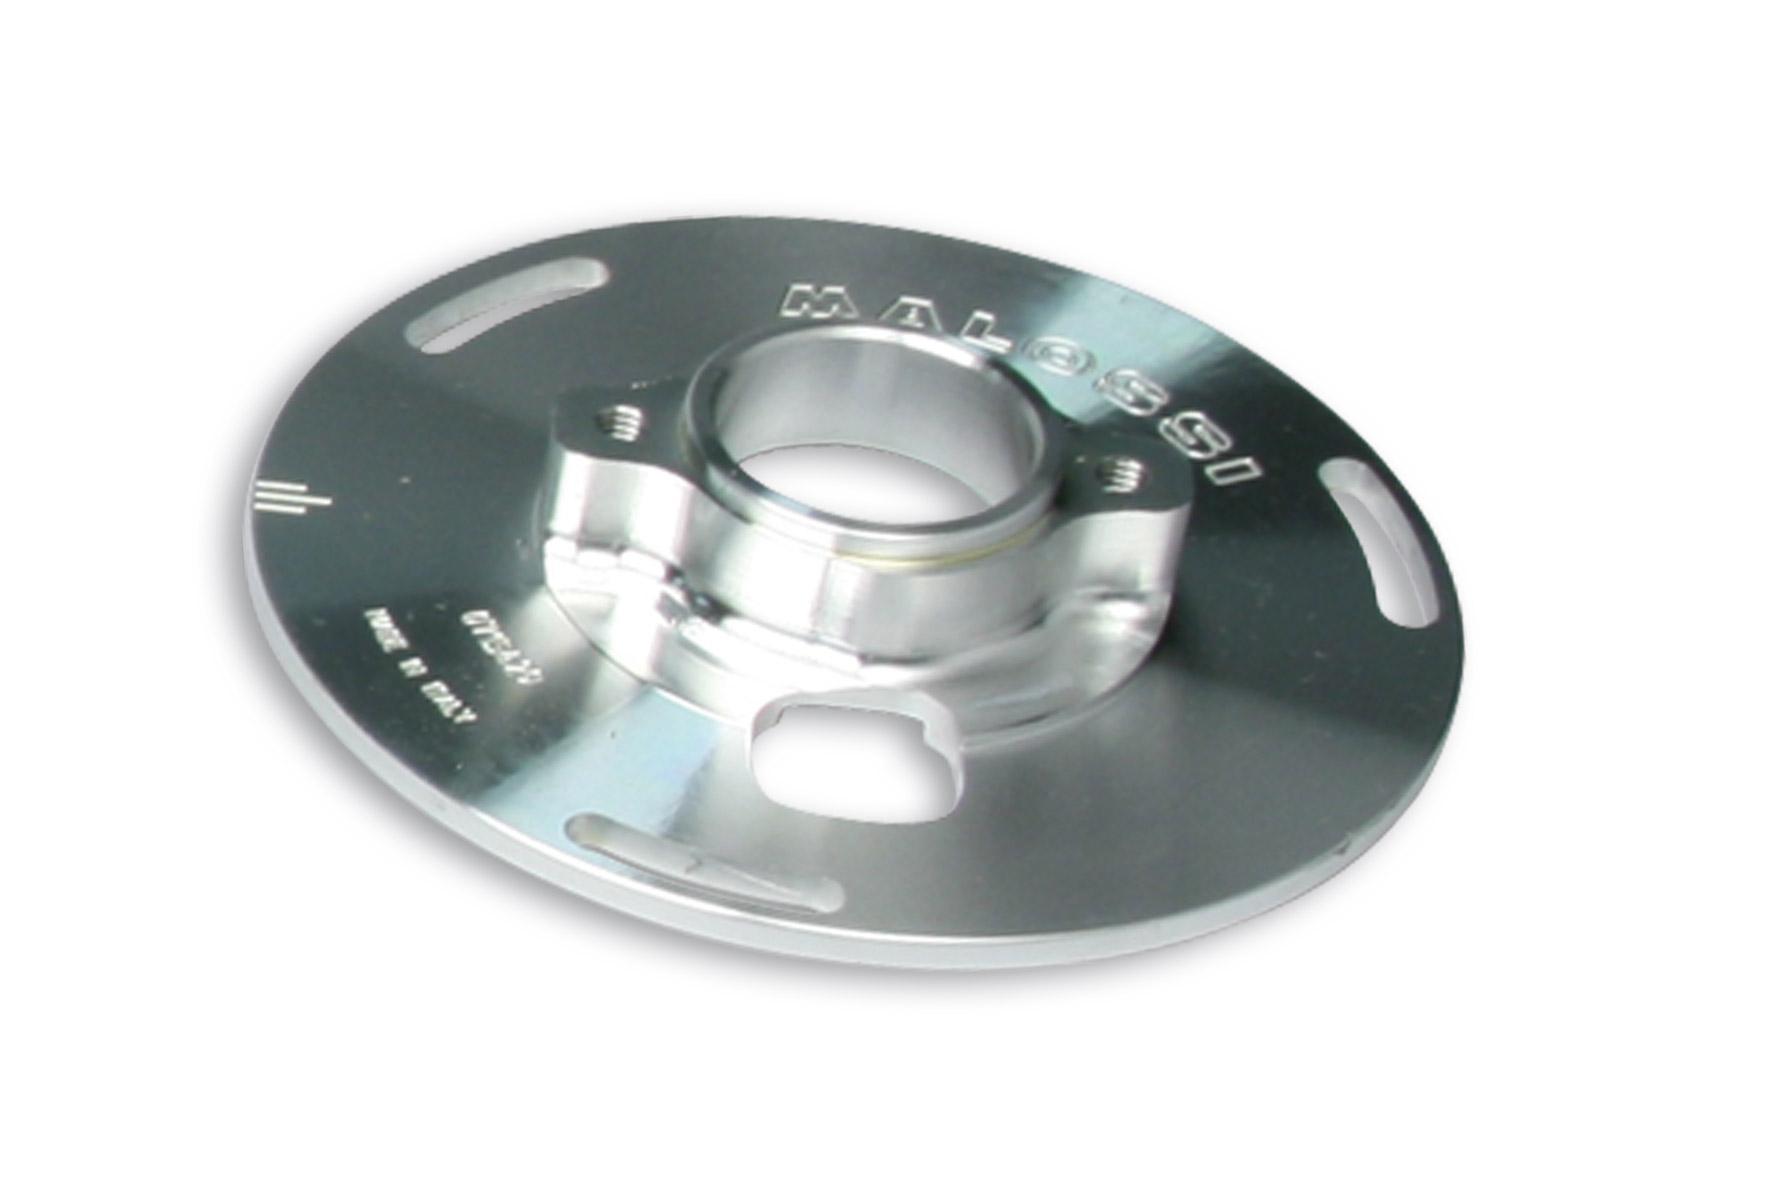 Flangia di fissaggio statore Ø 35,8 per accensione VESPower per Vespa COSA e PX 125 - 150 - 200 2T